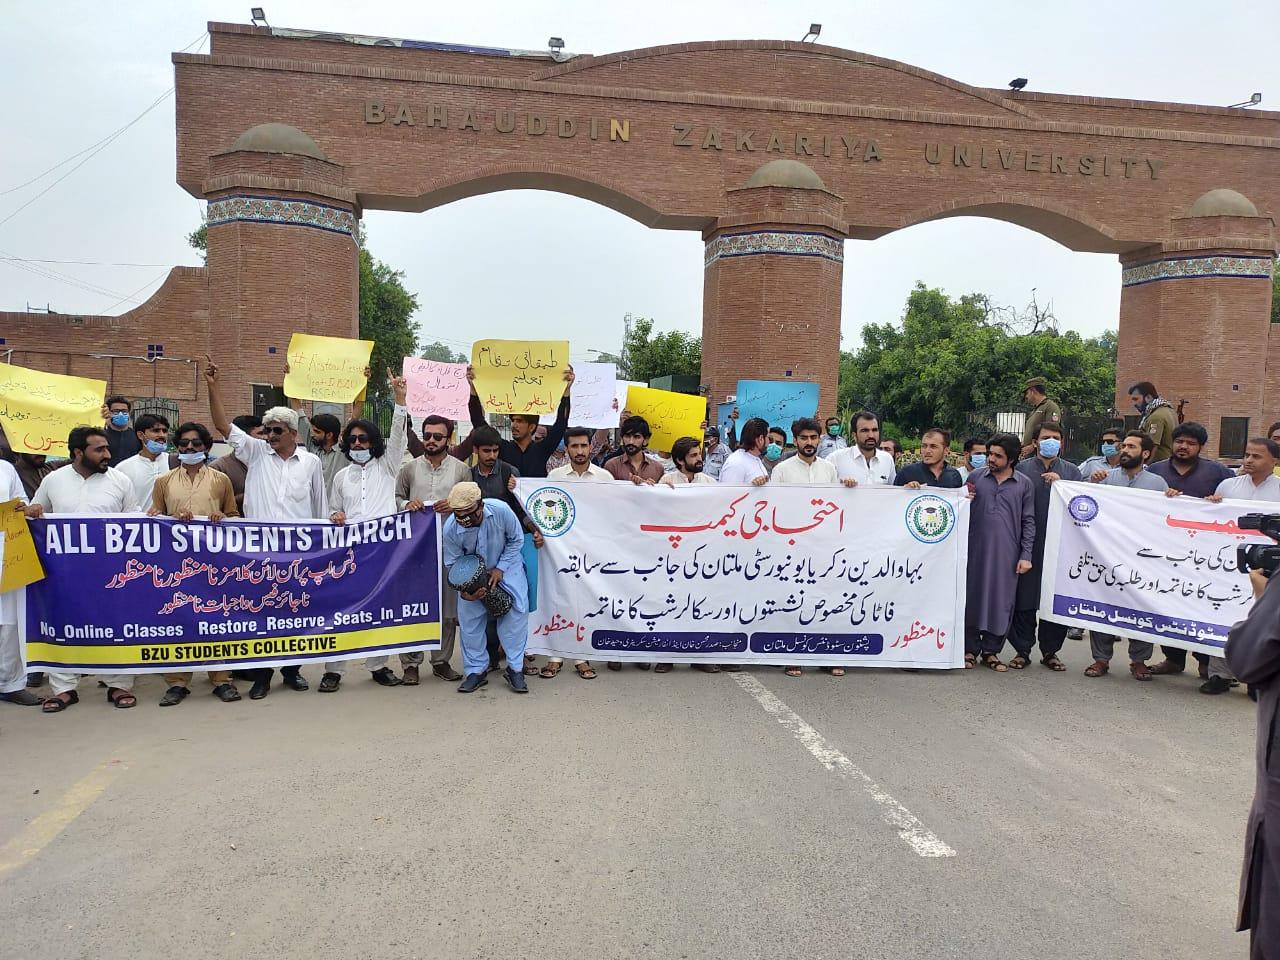 طلبہ کا احتجاج: بہالدین زکریا یونیورسٹی انتظامیہ نے مطالبات تسلیم کر لیے